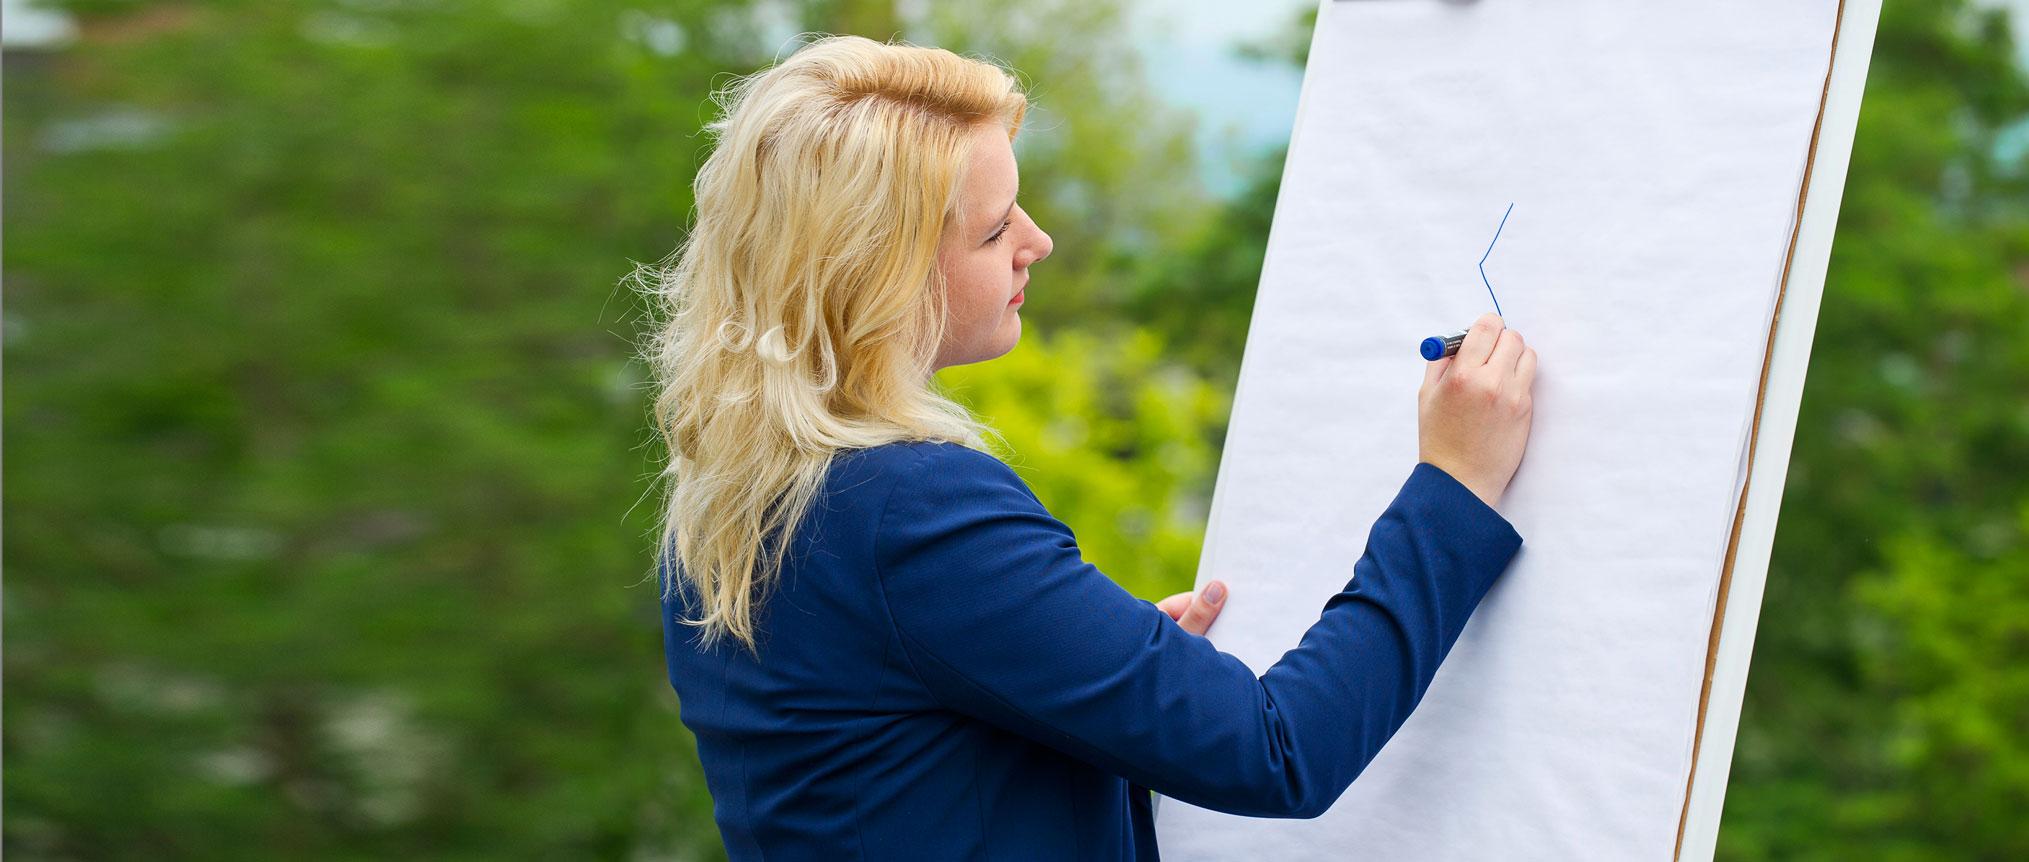 Mirke Kopmann von KMB| kümmert sich gerne um Ihre Konzepte.